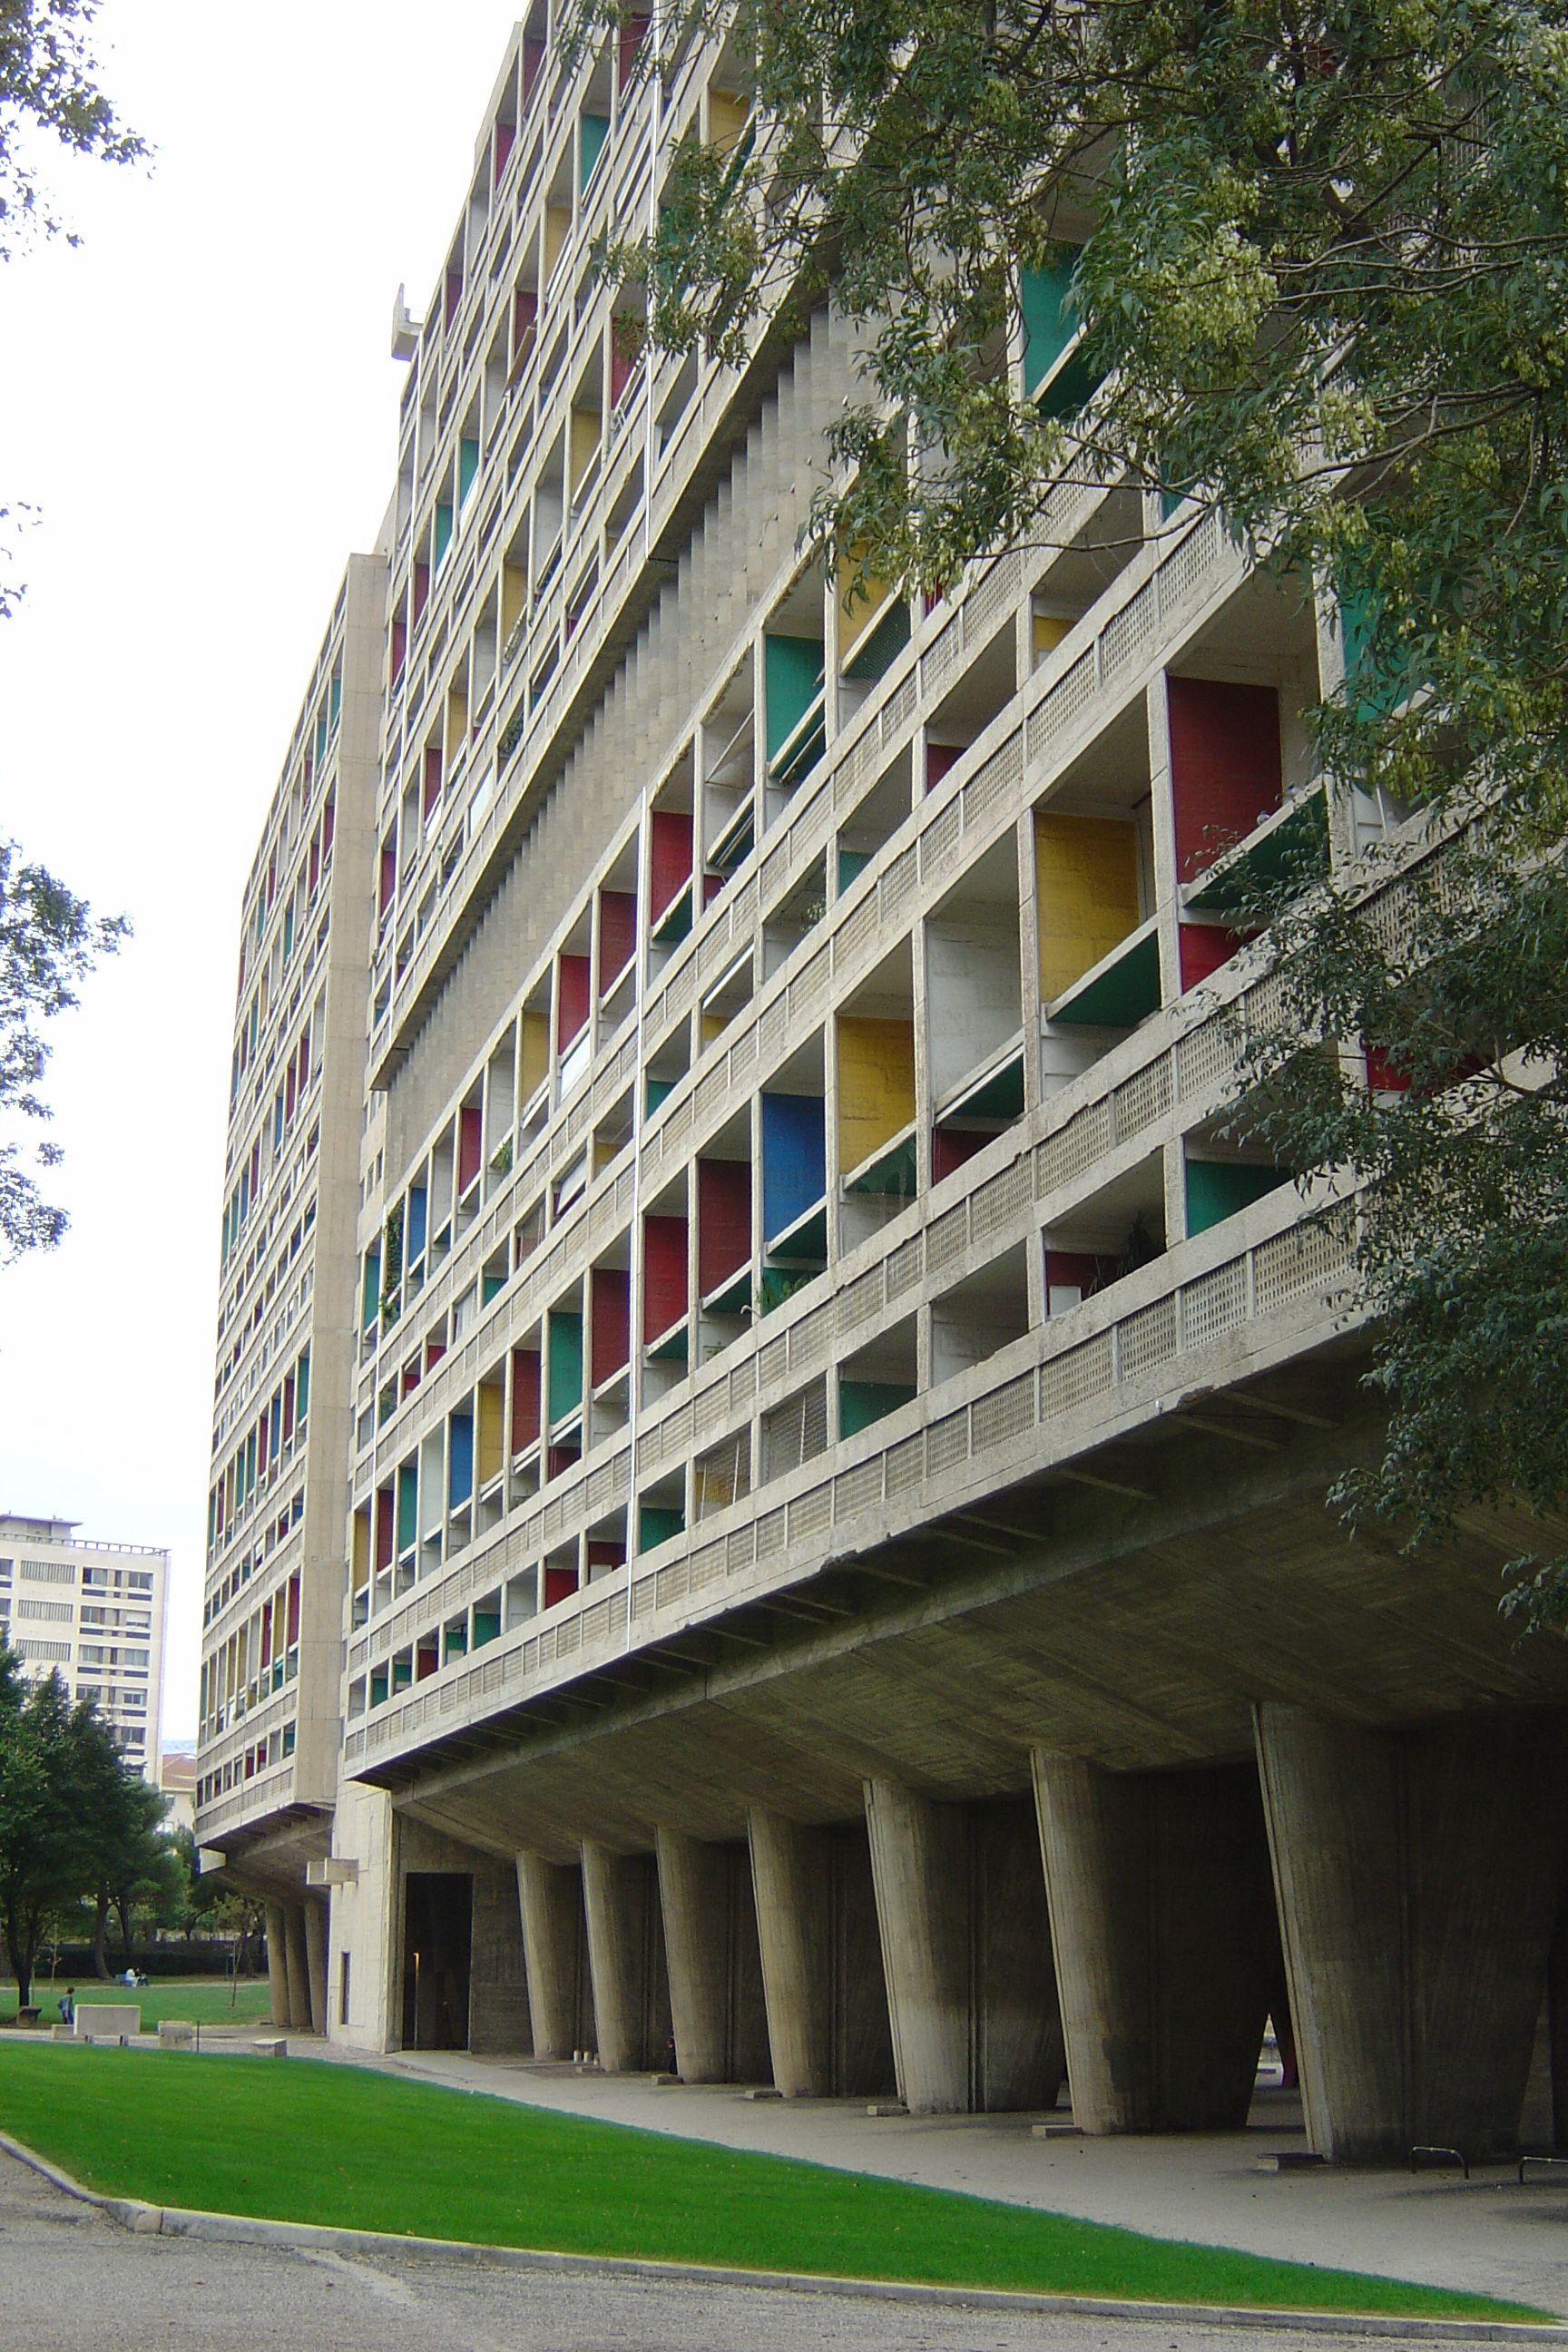 Le corbusier cite radieuse/marseille Marseille, Le